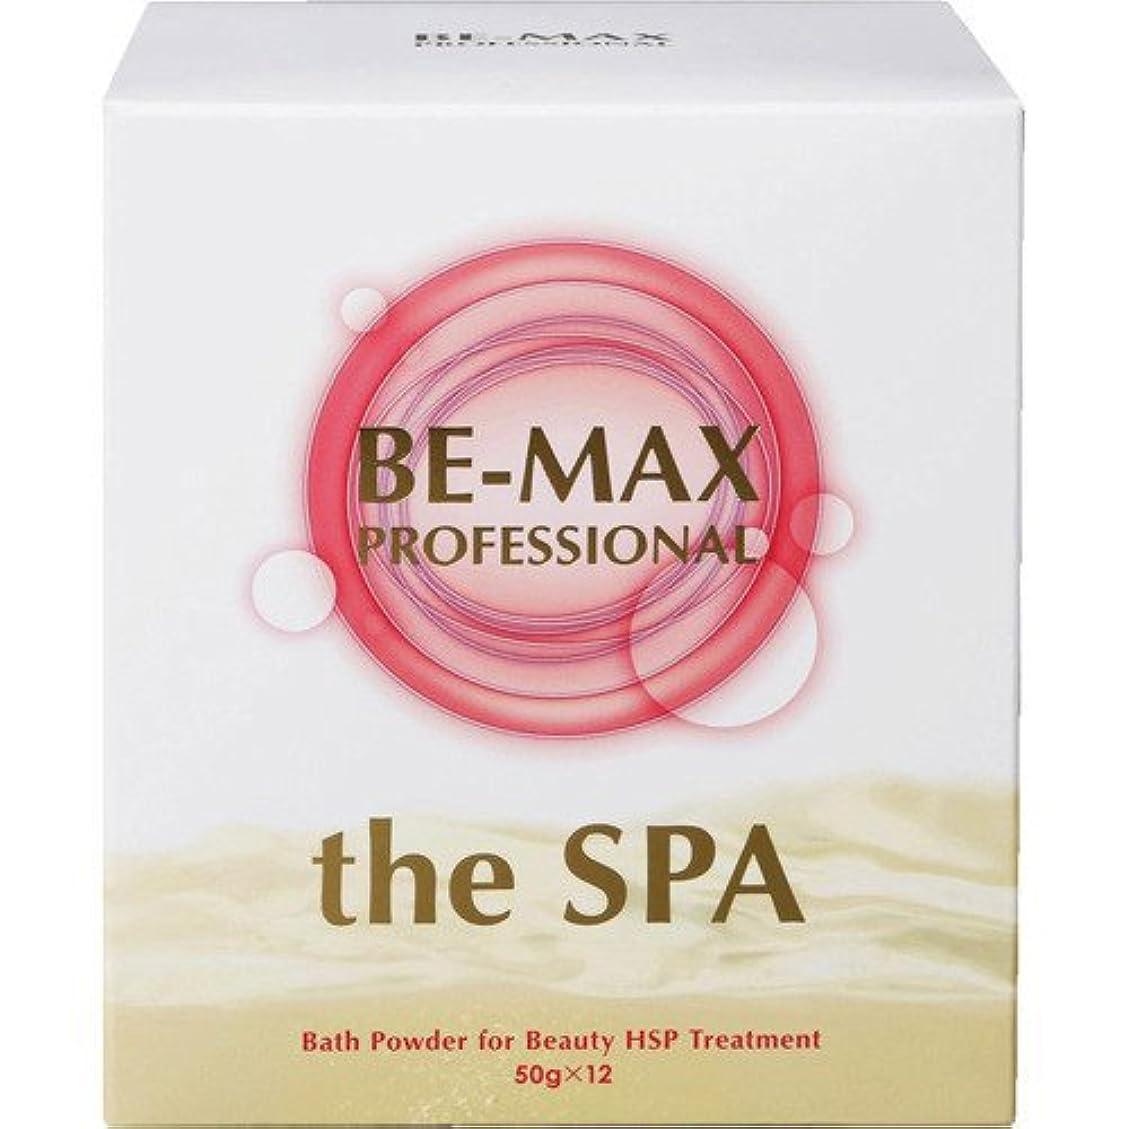 不適受取人スチールBE-MAX PROFESSIONAL the SPA(ザ?スパ) ビーマックスプロフェッショナル ザ?スパ バスパウダー 50gx12包 (4571132621587)